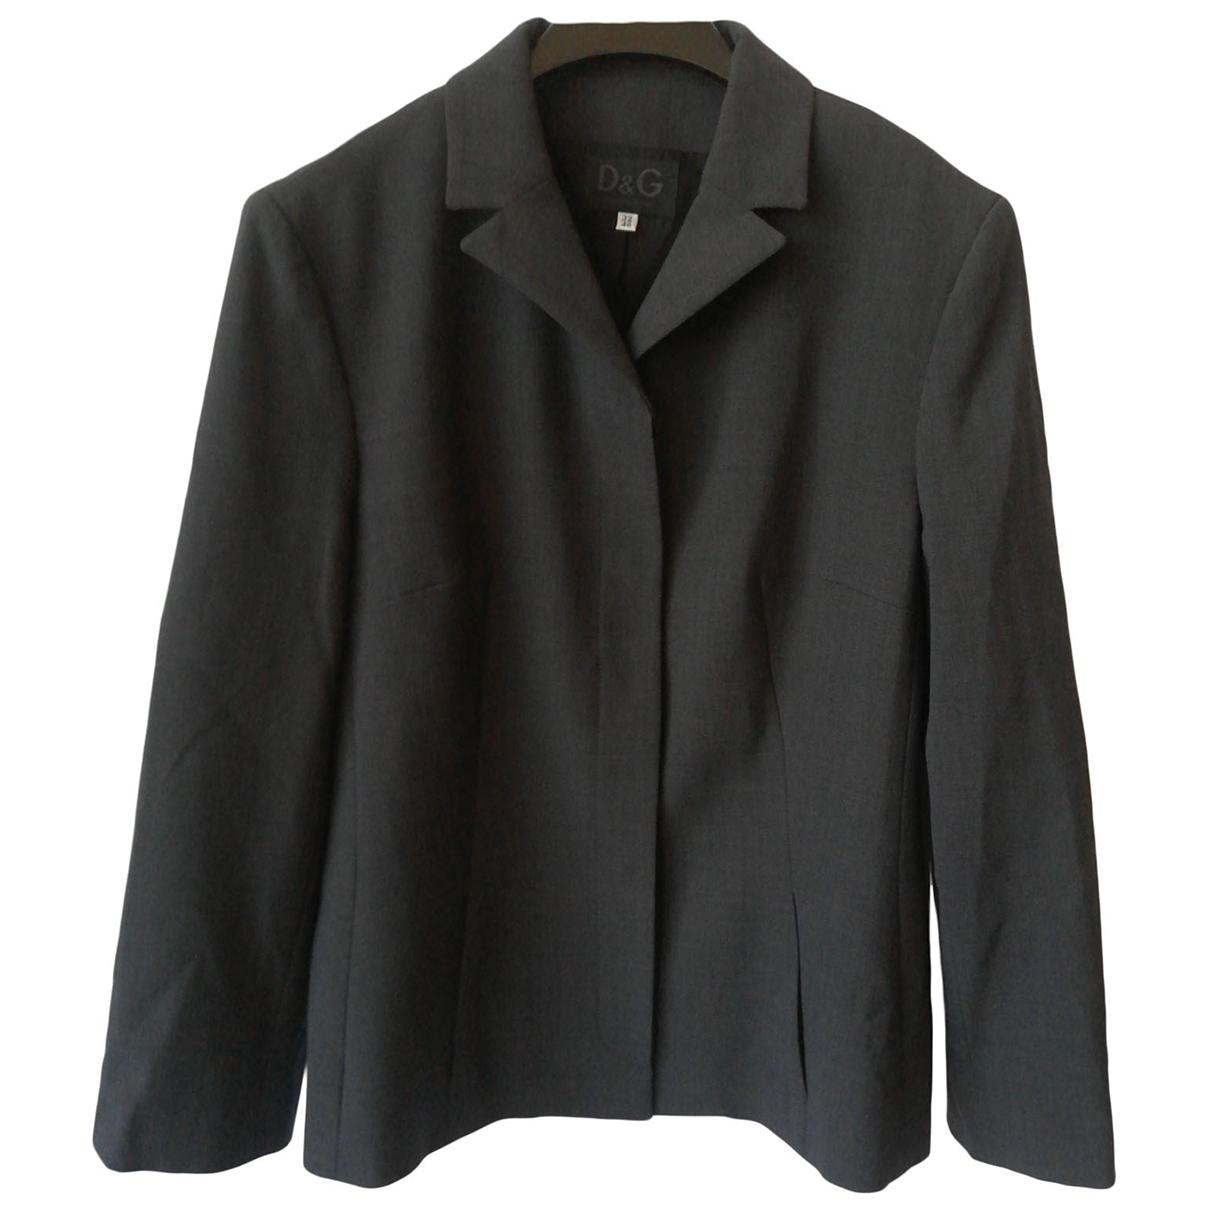 D&g \N Grey jacket for Women 46 IT